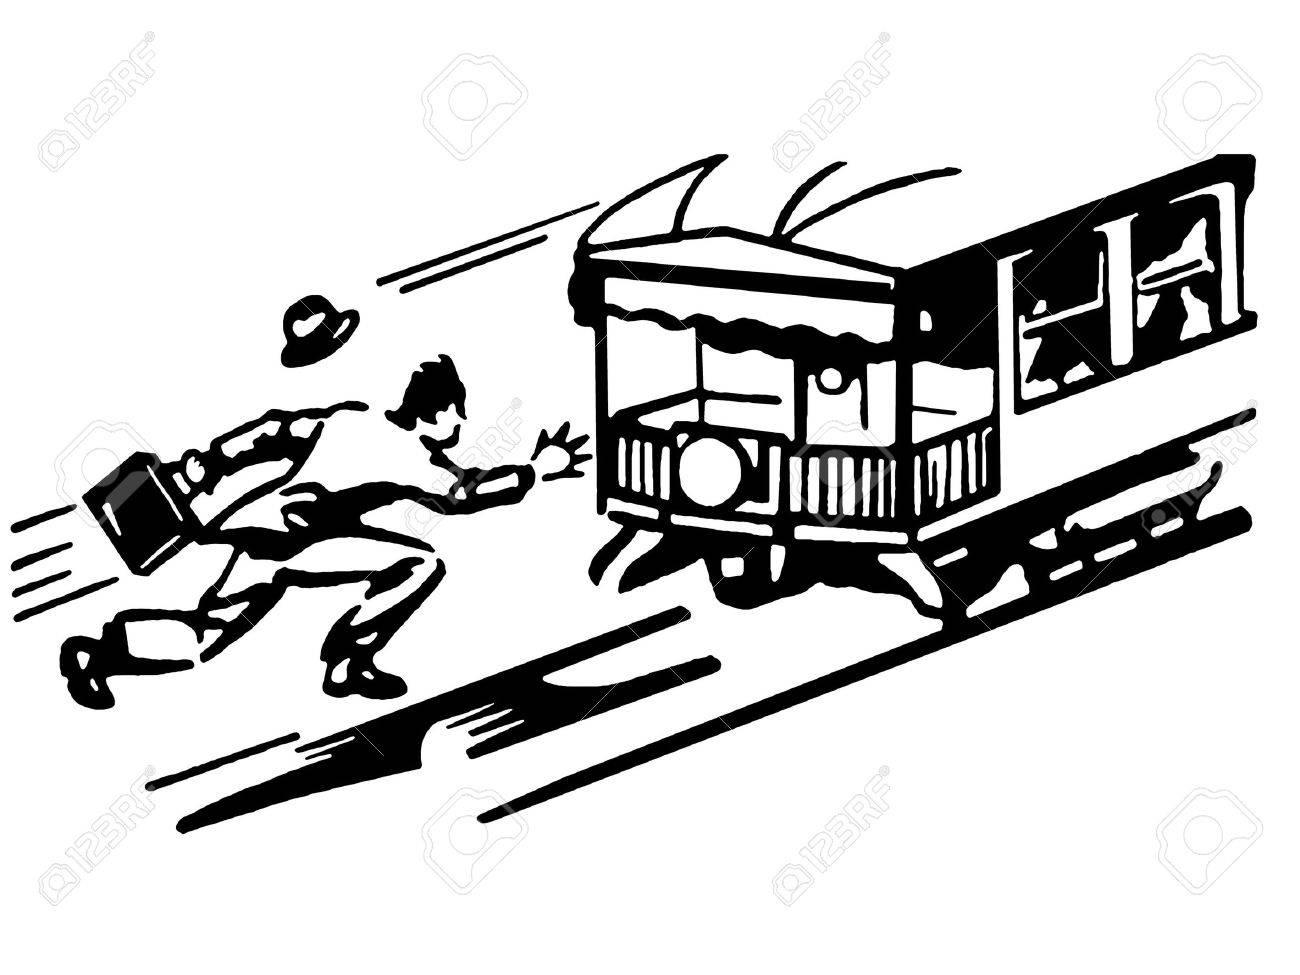 路面電車を実行している男のヴィンテージのイラストの黒と白のバージョン